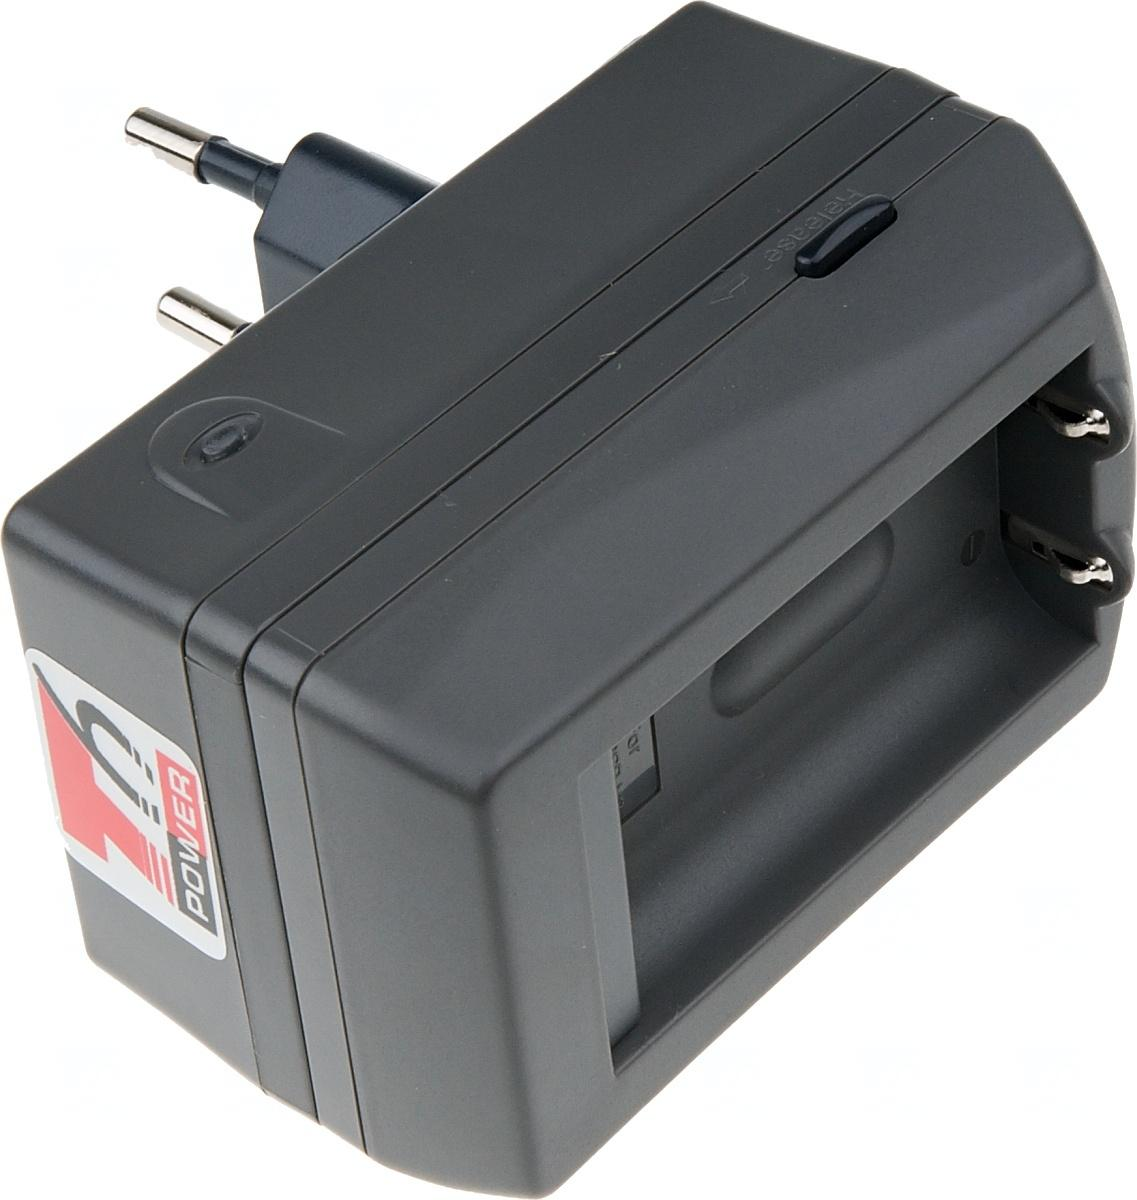 T6 POWER Nabíječka T6 power Nikon EN-EL23, 230V, 0,5A (BCNI0013)